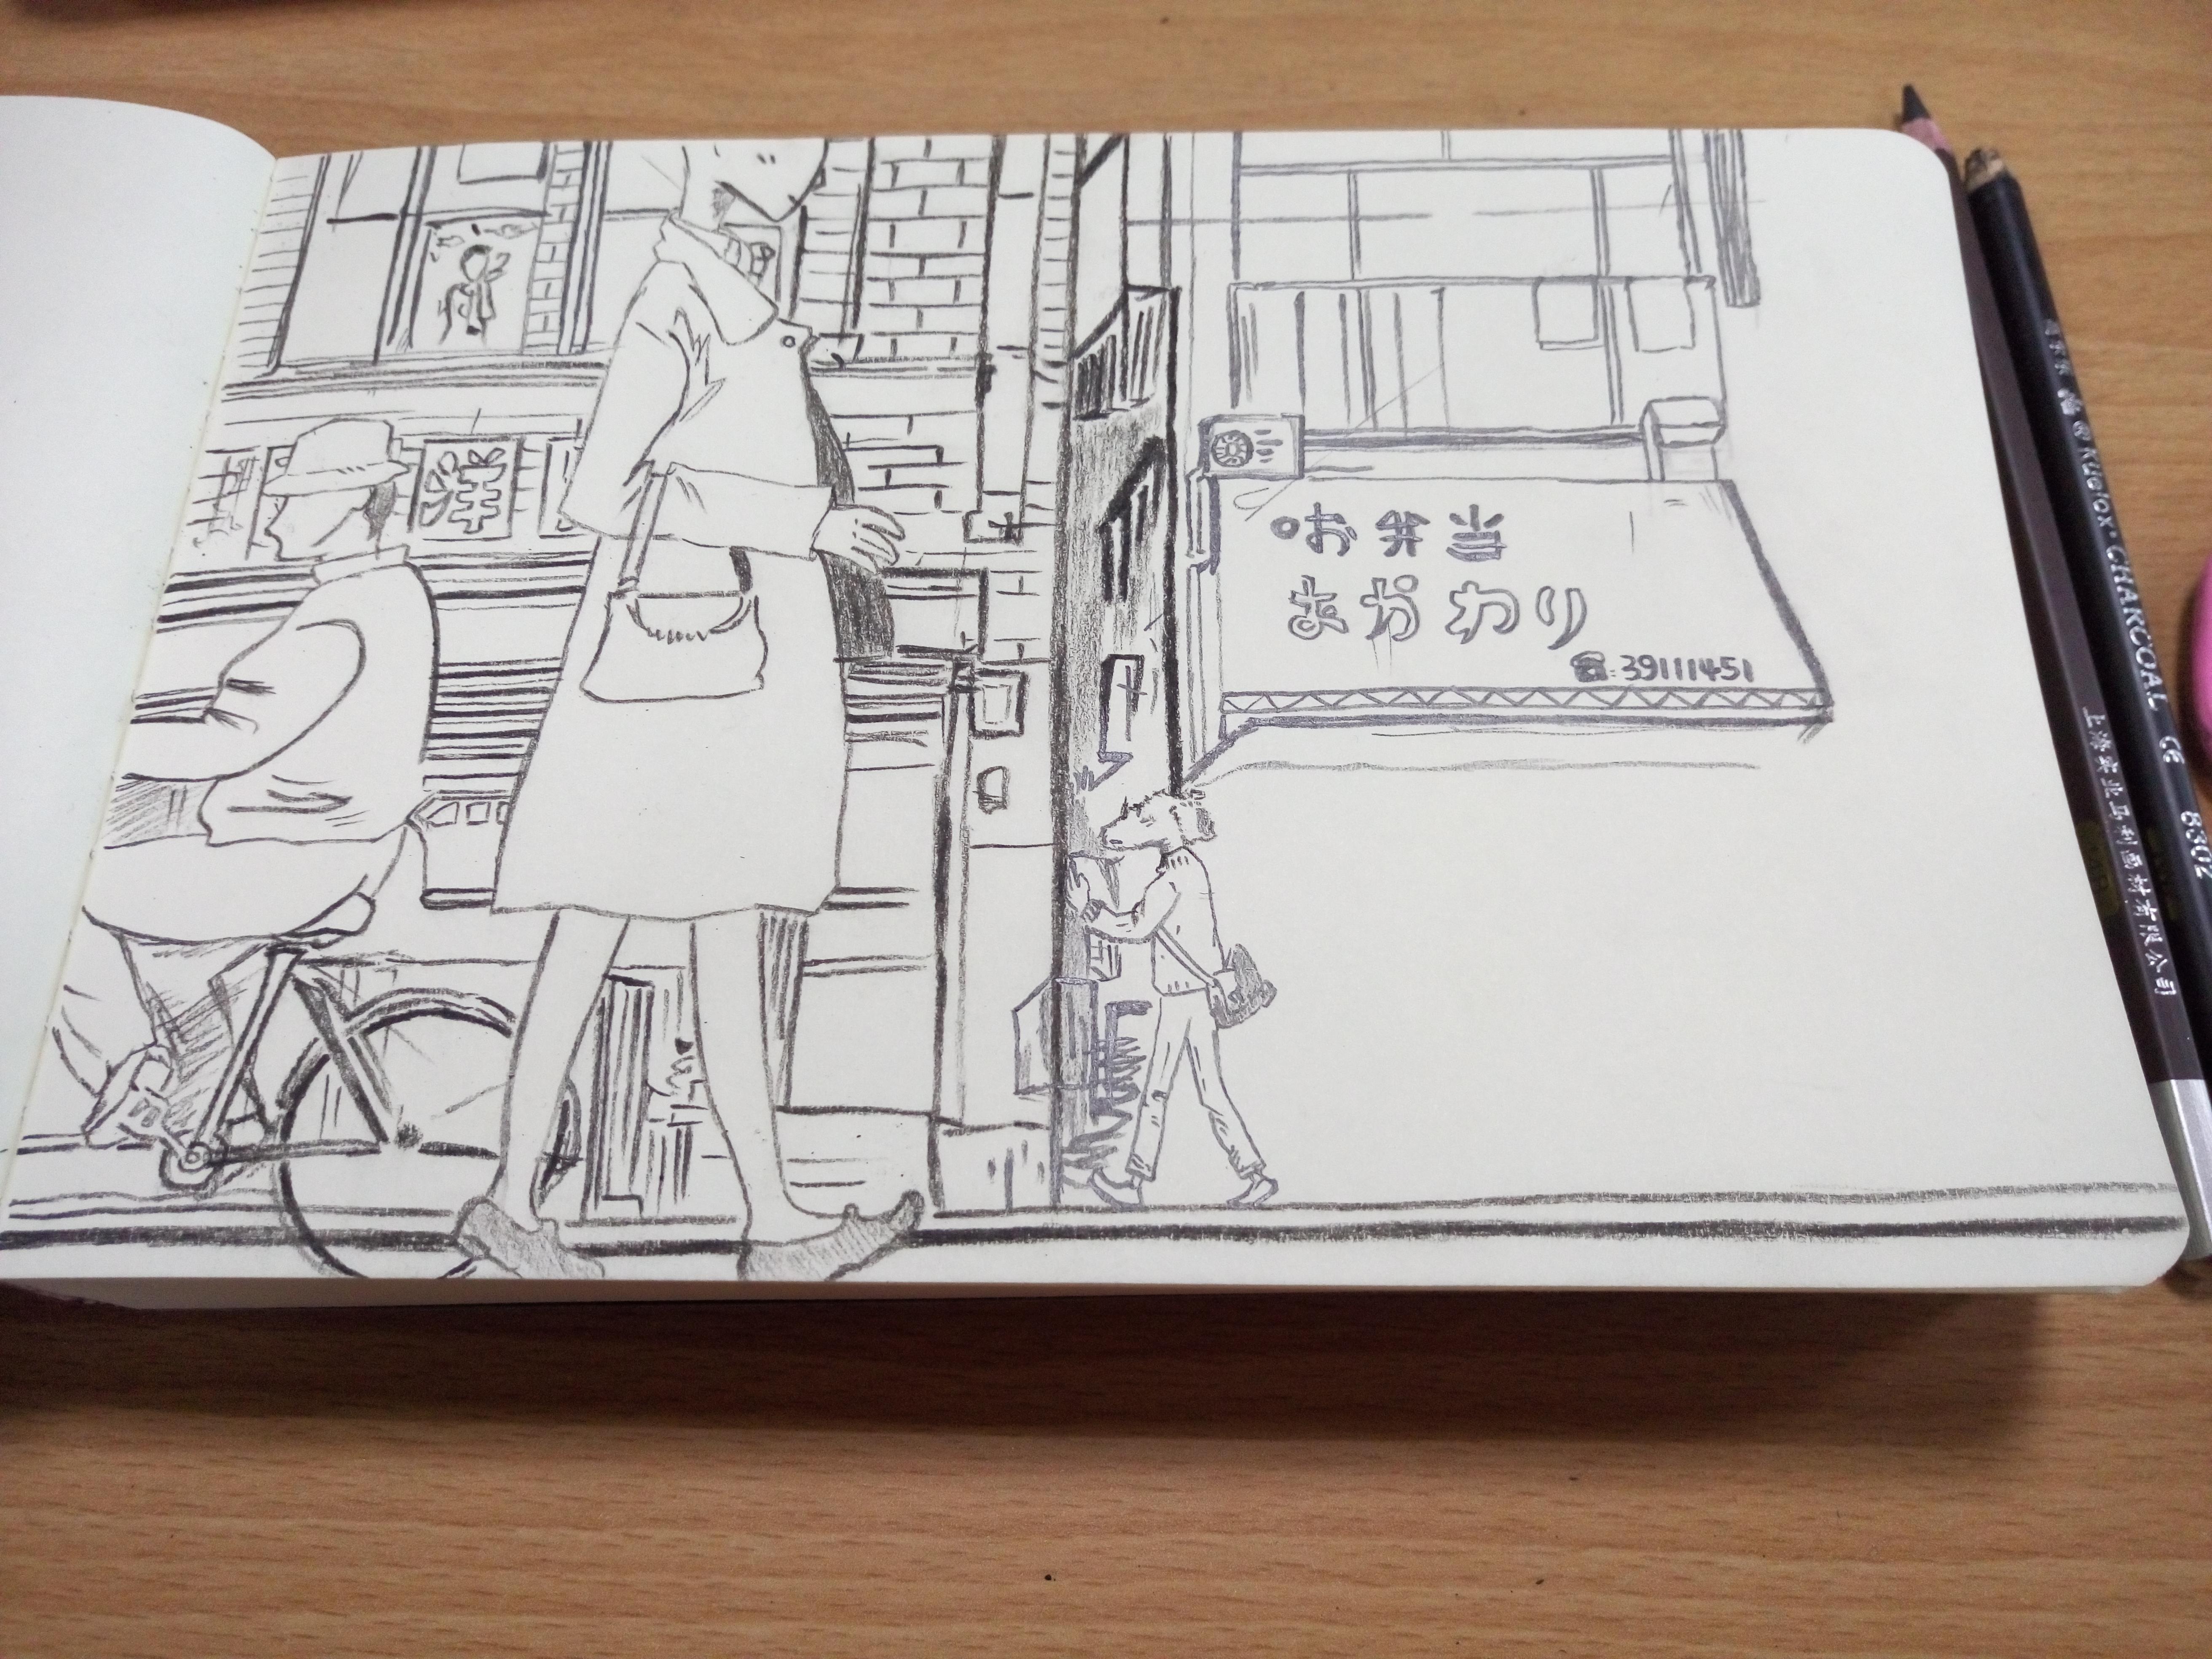 要好好努力~更努力~再努力~转移地点画了下课啦,被室友拖到图书馆图片